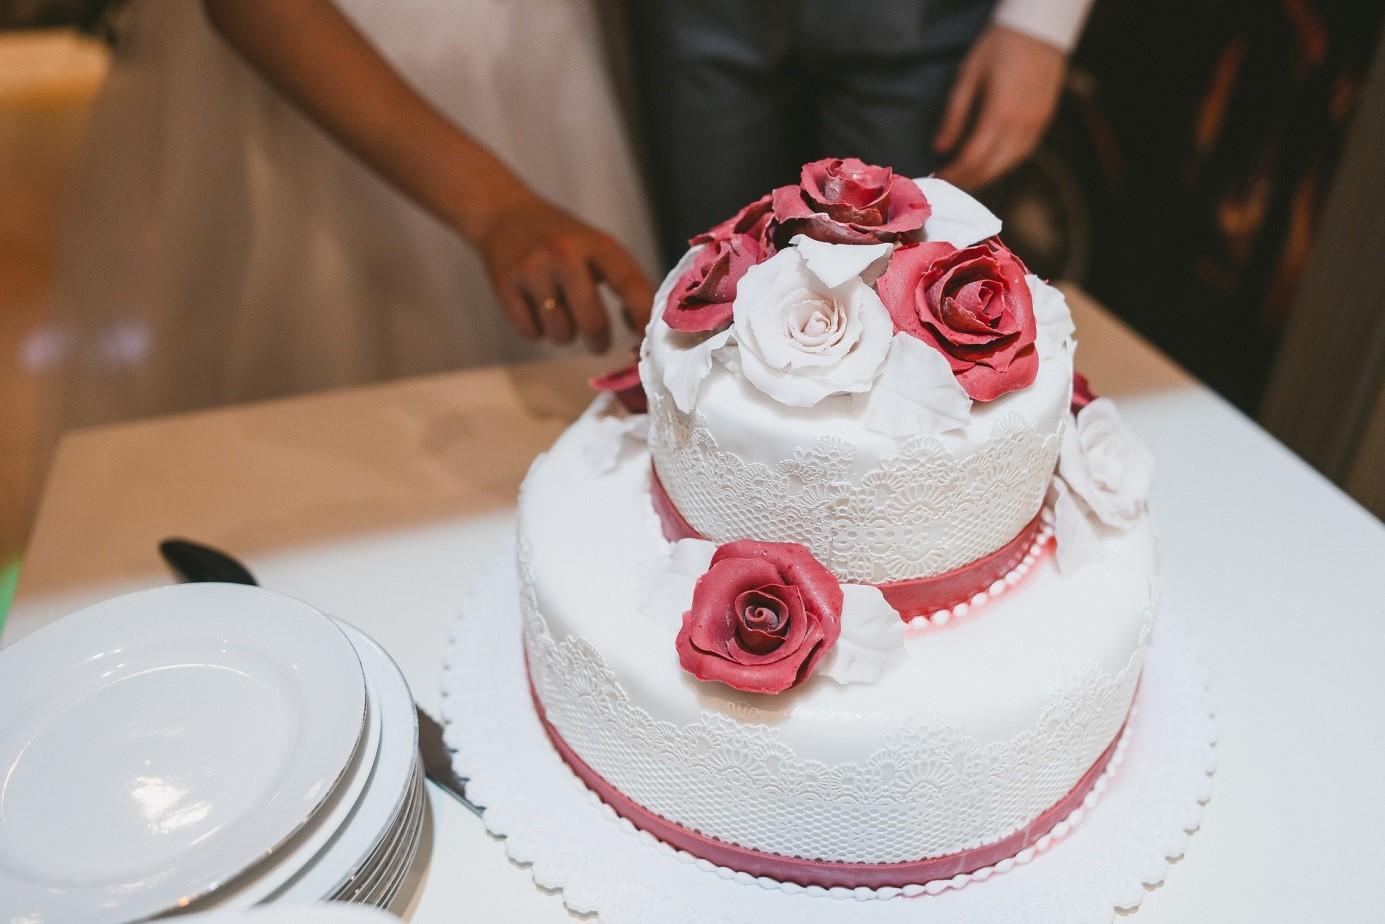 Esküvői tortaválasztás – hagyományos vagy modern legyen?